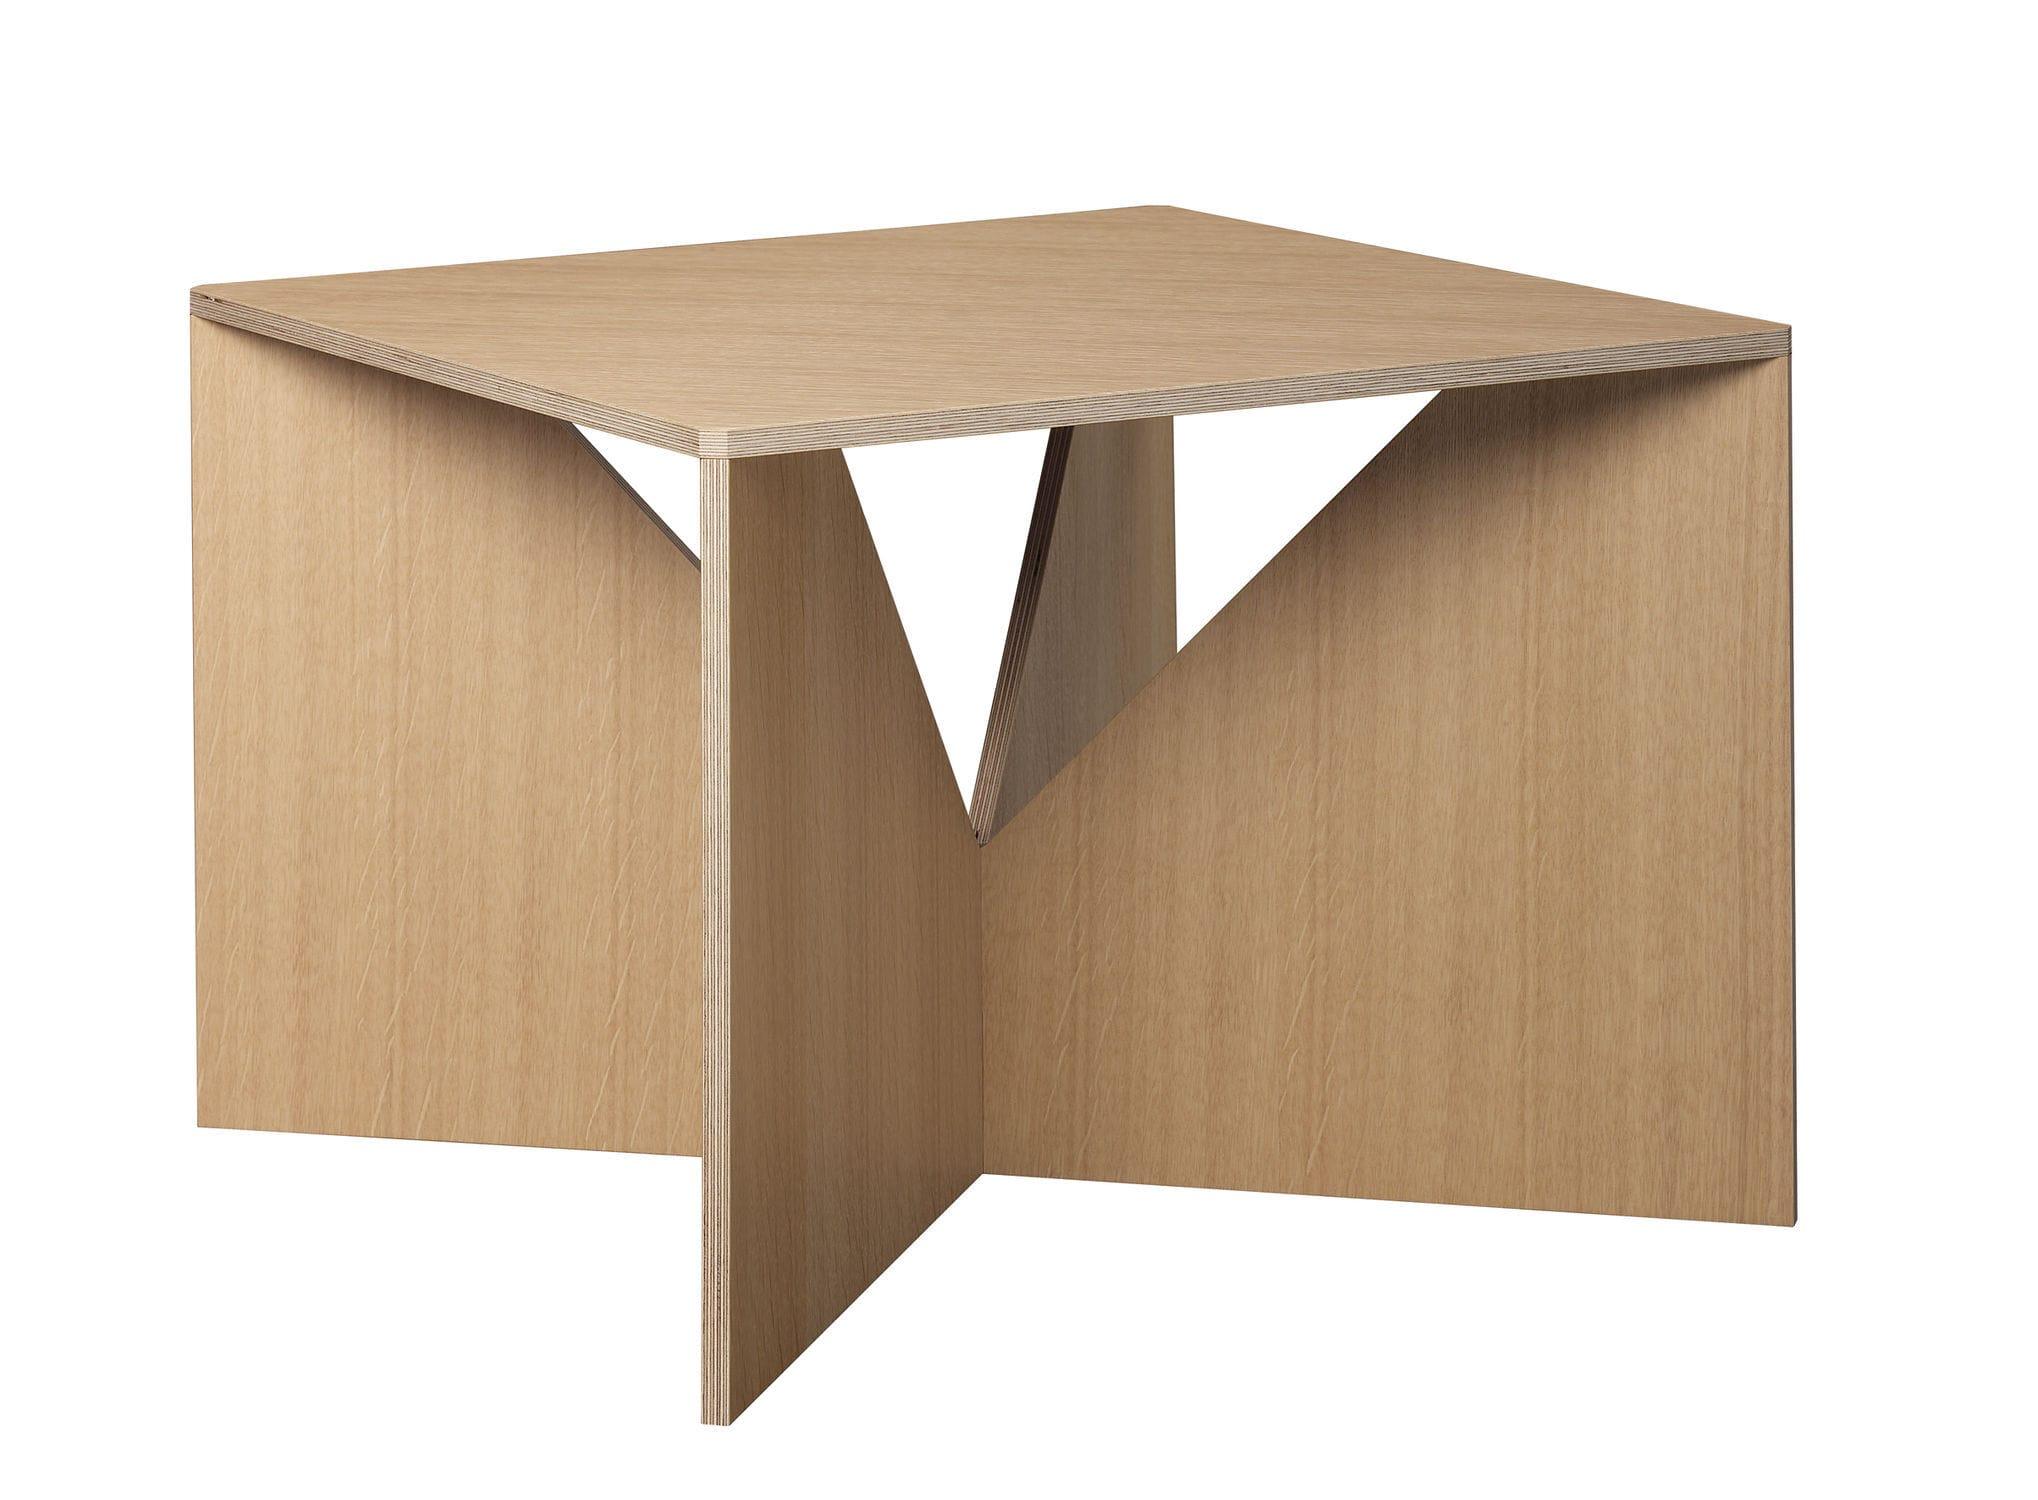 Cool Couchtisch Originelles Design Aus Eiche Nussbaum Lackiertes Holz With  Couchtisch Holz Nussbaum